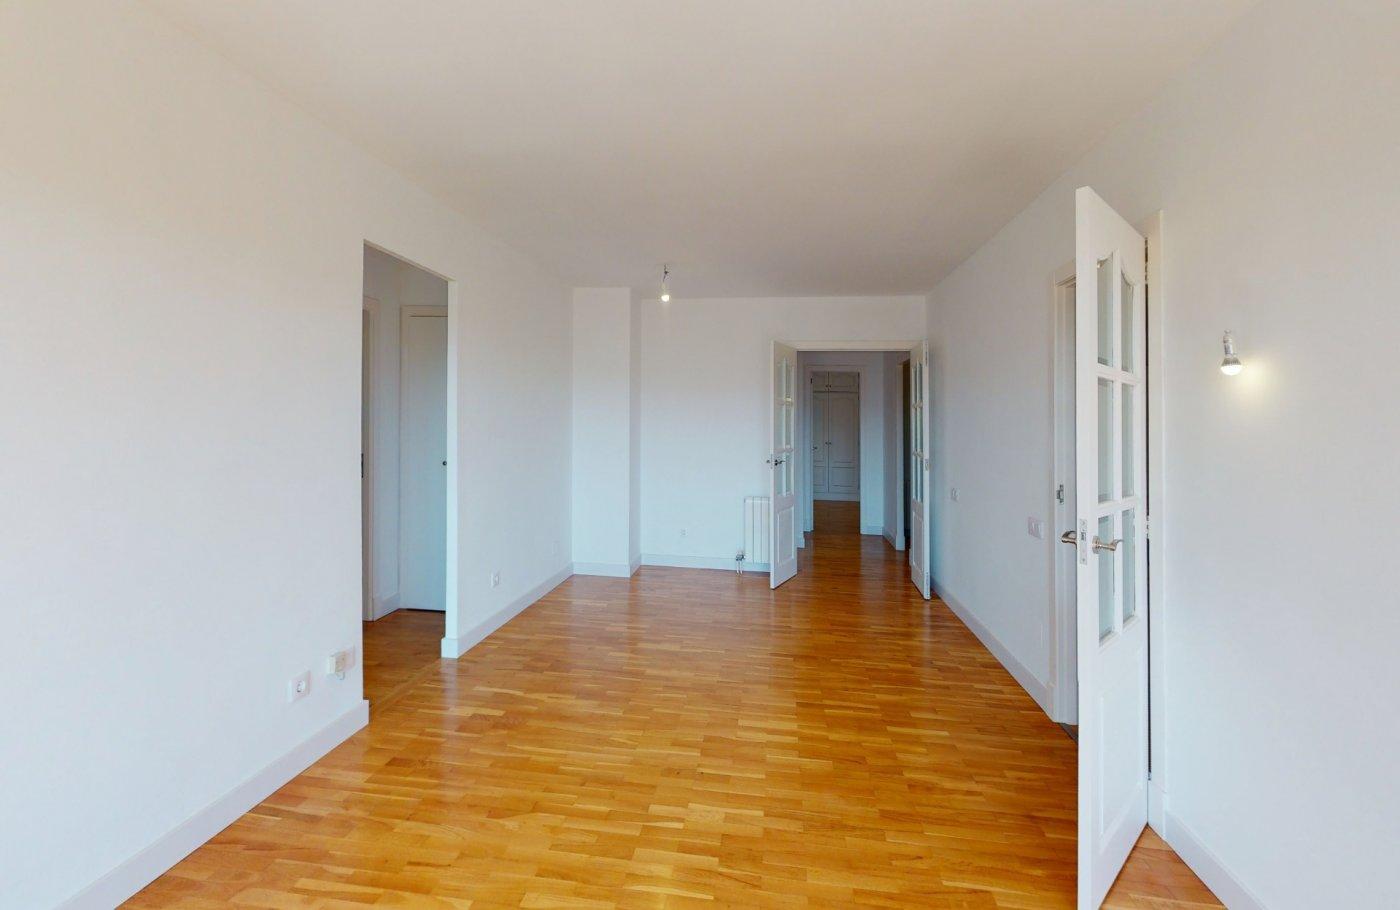 Céntrico piso en palma - imagenInmueble9